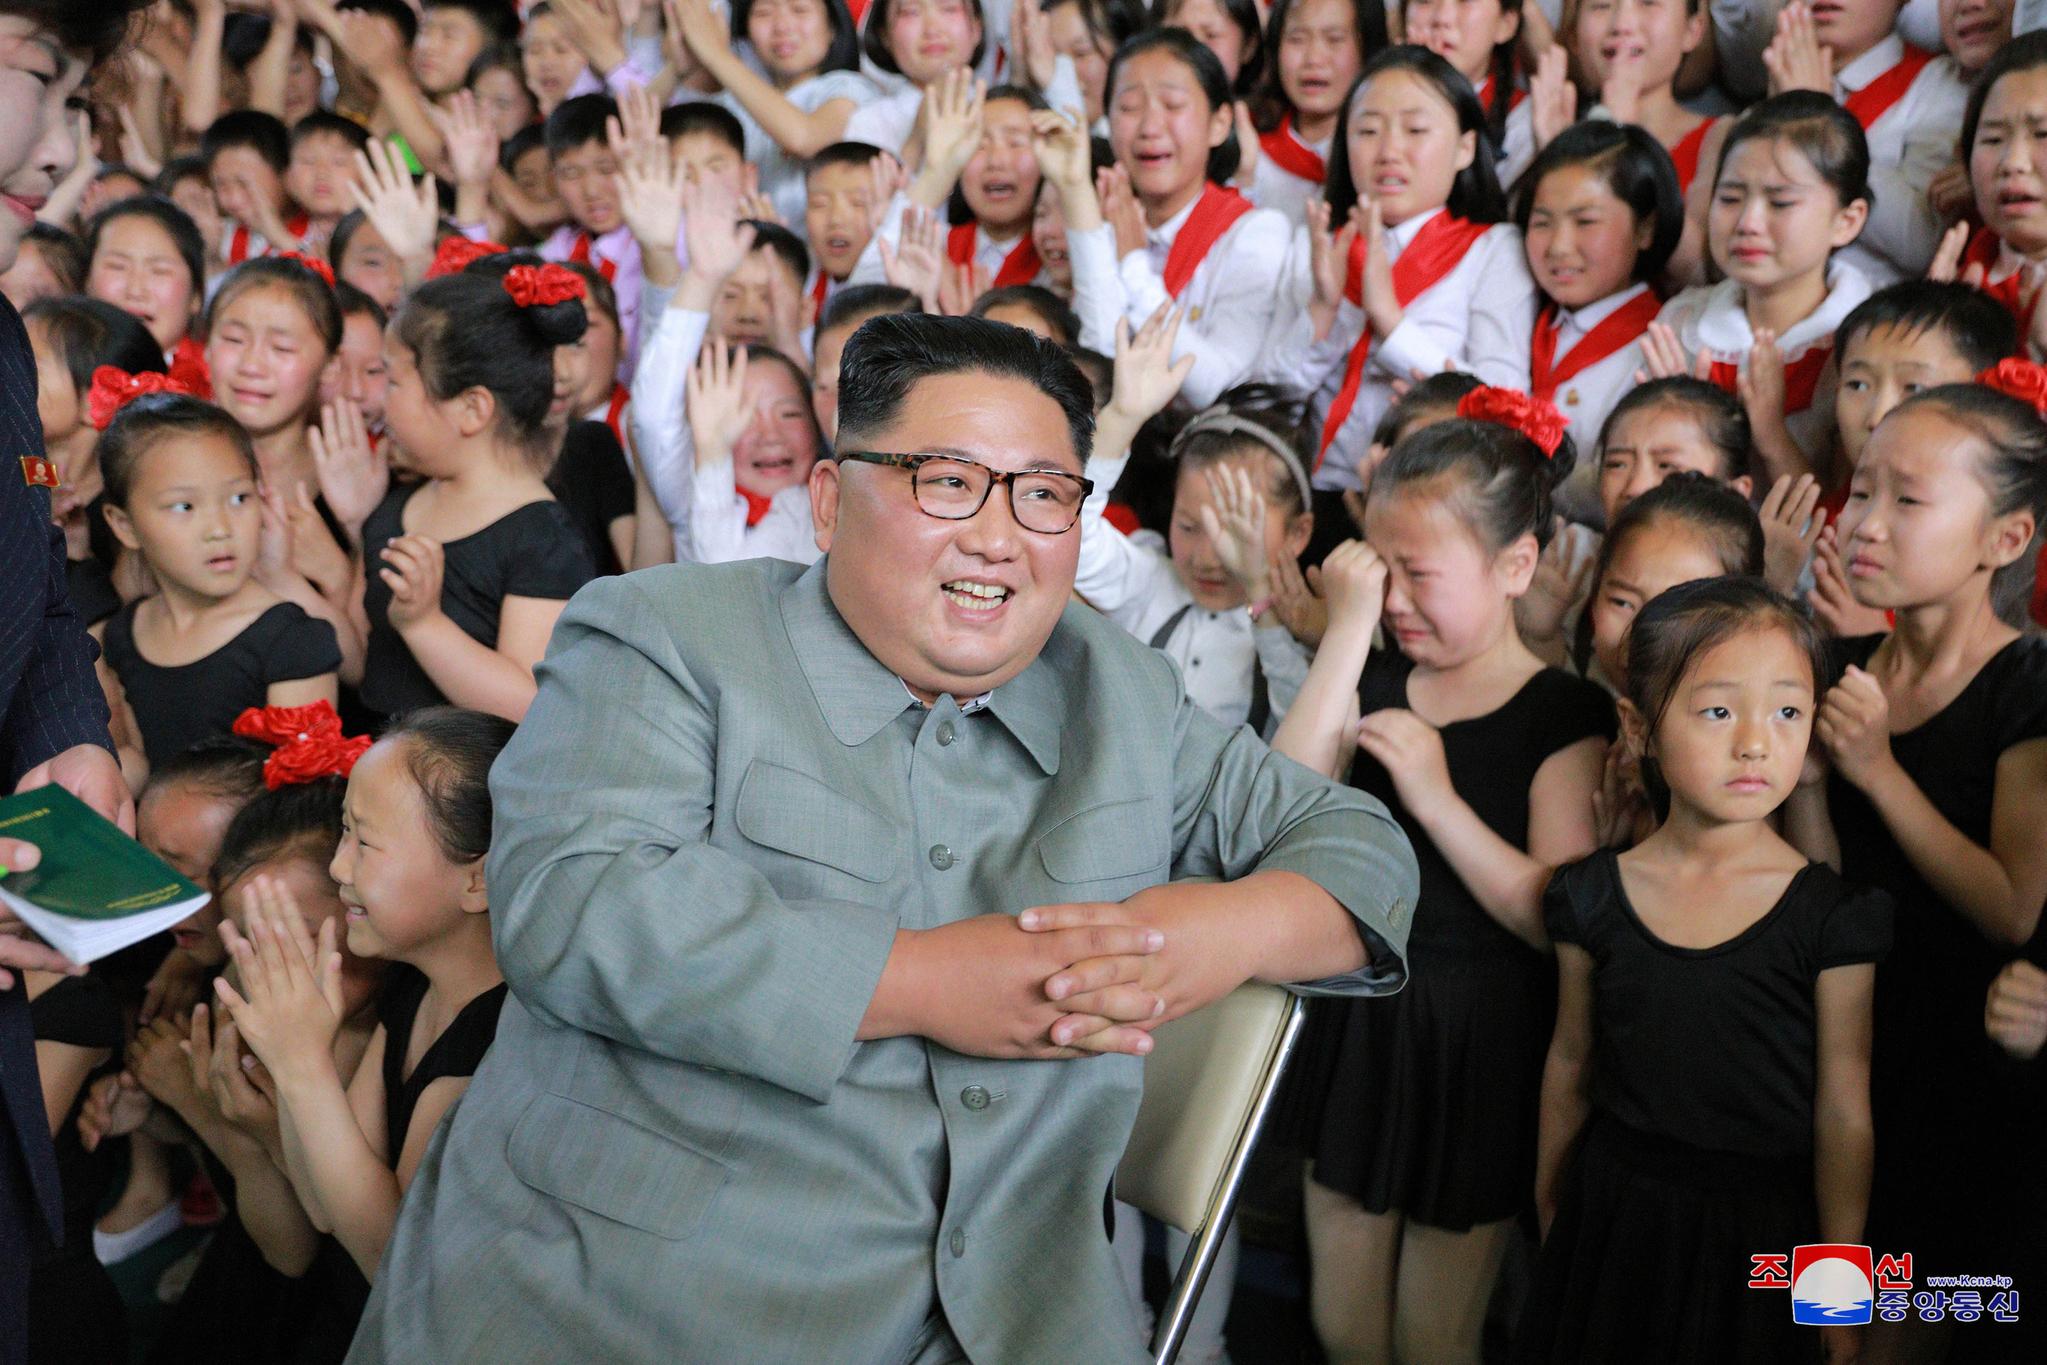 김정은 위원장이 배움의 천리길학생소년궁전 현지지도에서 북한 아이들의 환호를 받고 있다. 김 위원장 오른쪽 뒤로 울고 있는 아이들도 보인다. [조선중앙통신=연합뉴스]